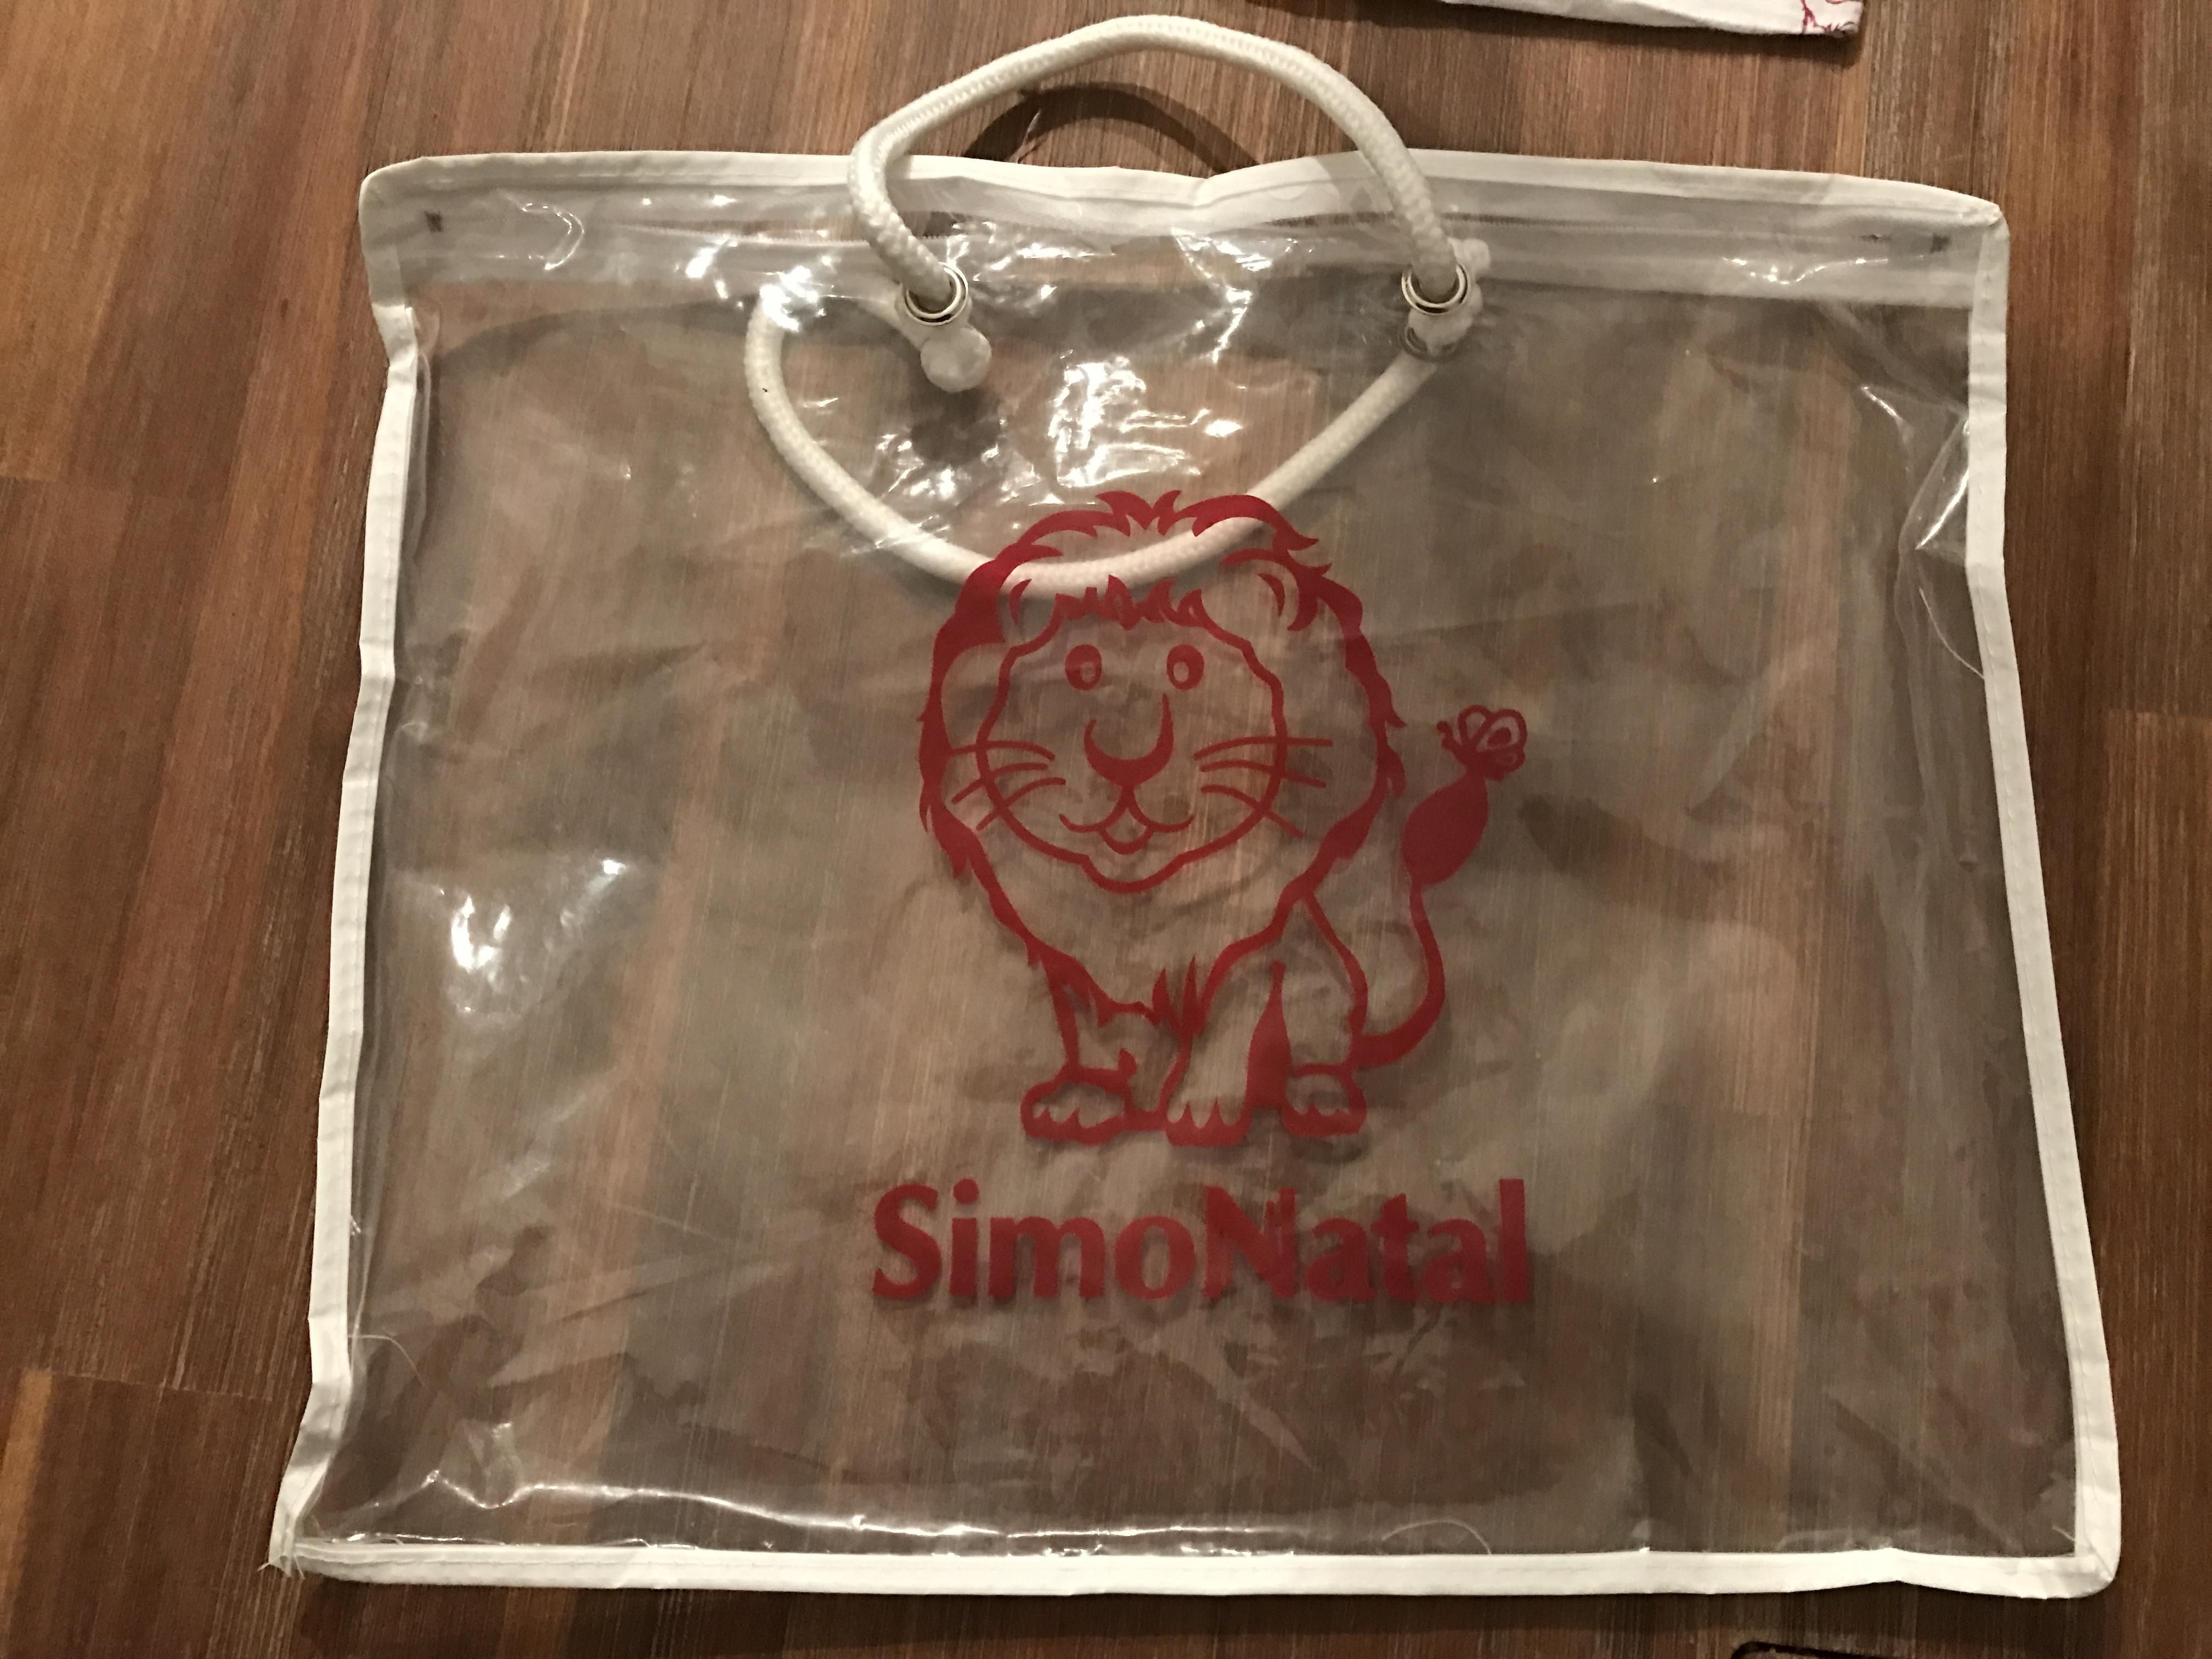 Simonatal - Babydorm Verpackung